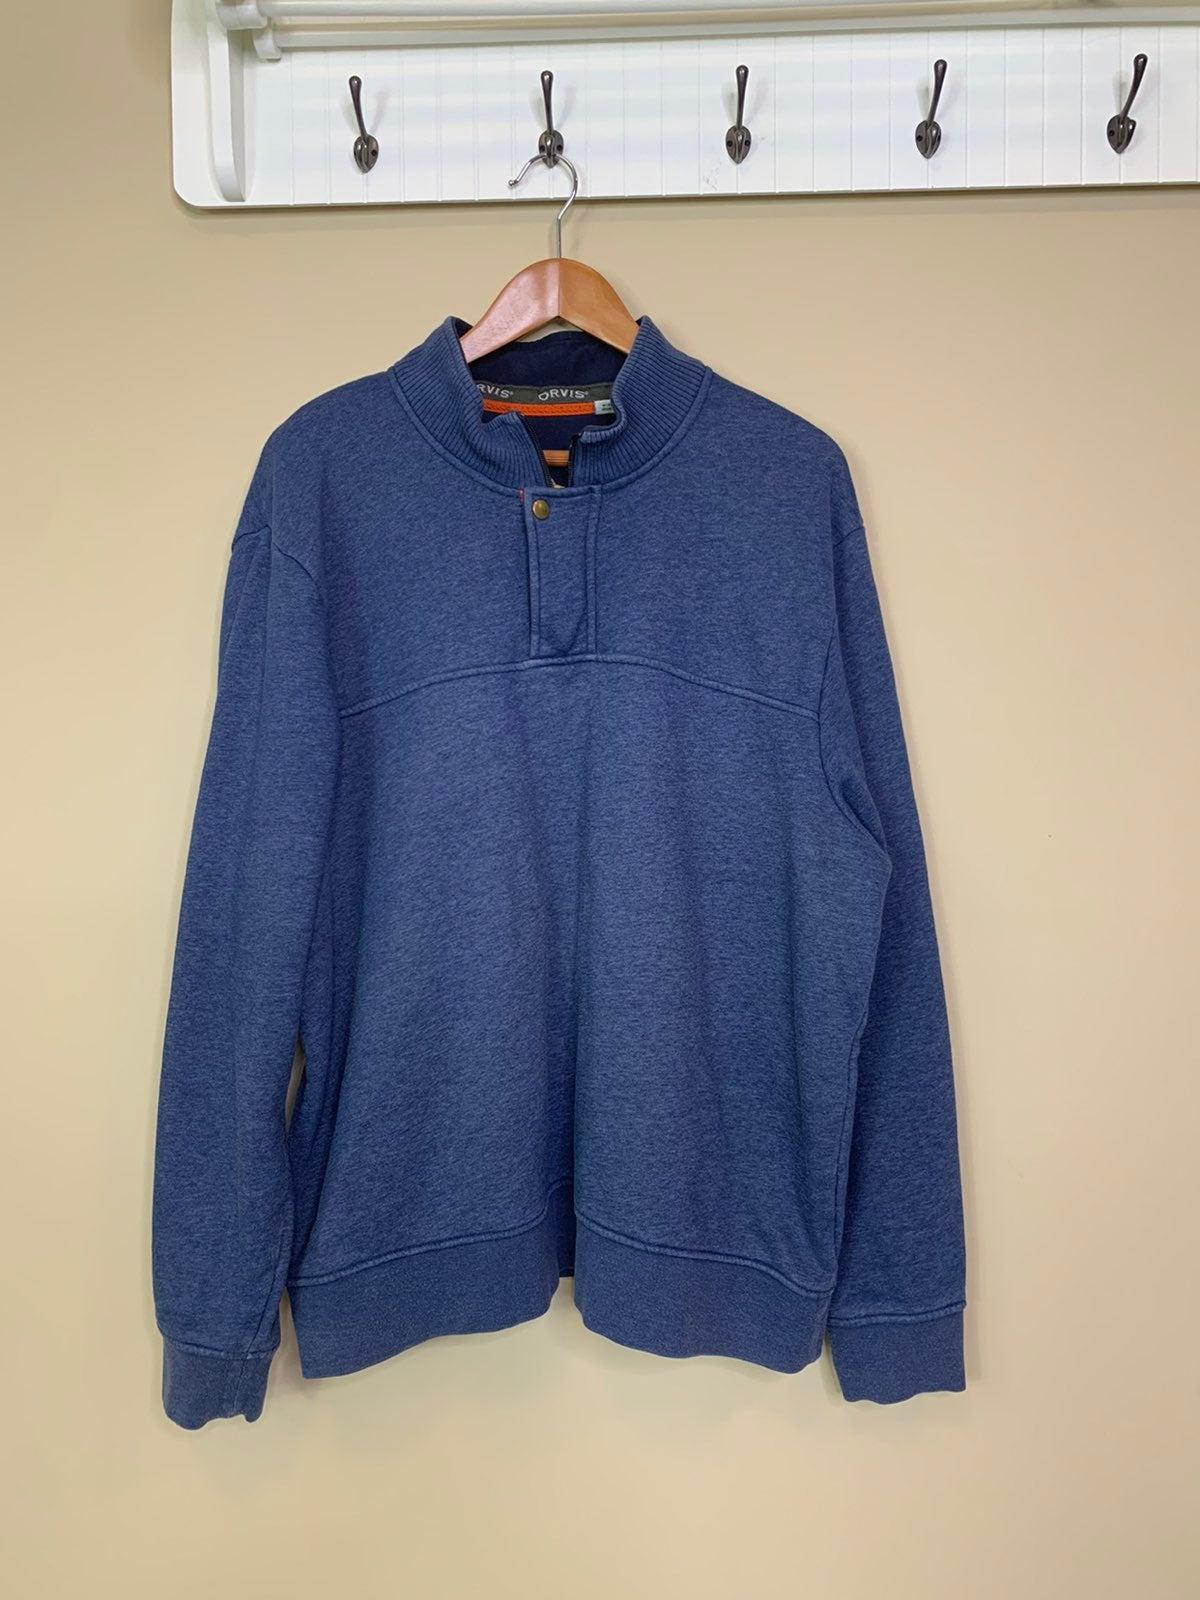 Orvis 1/4 Zip Fleece Lined Blue Pullover